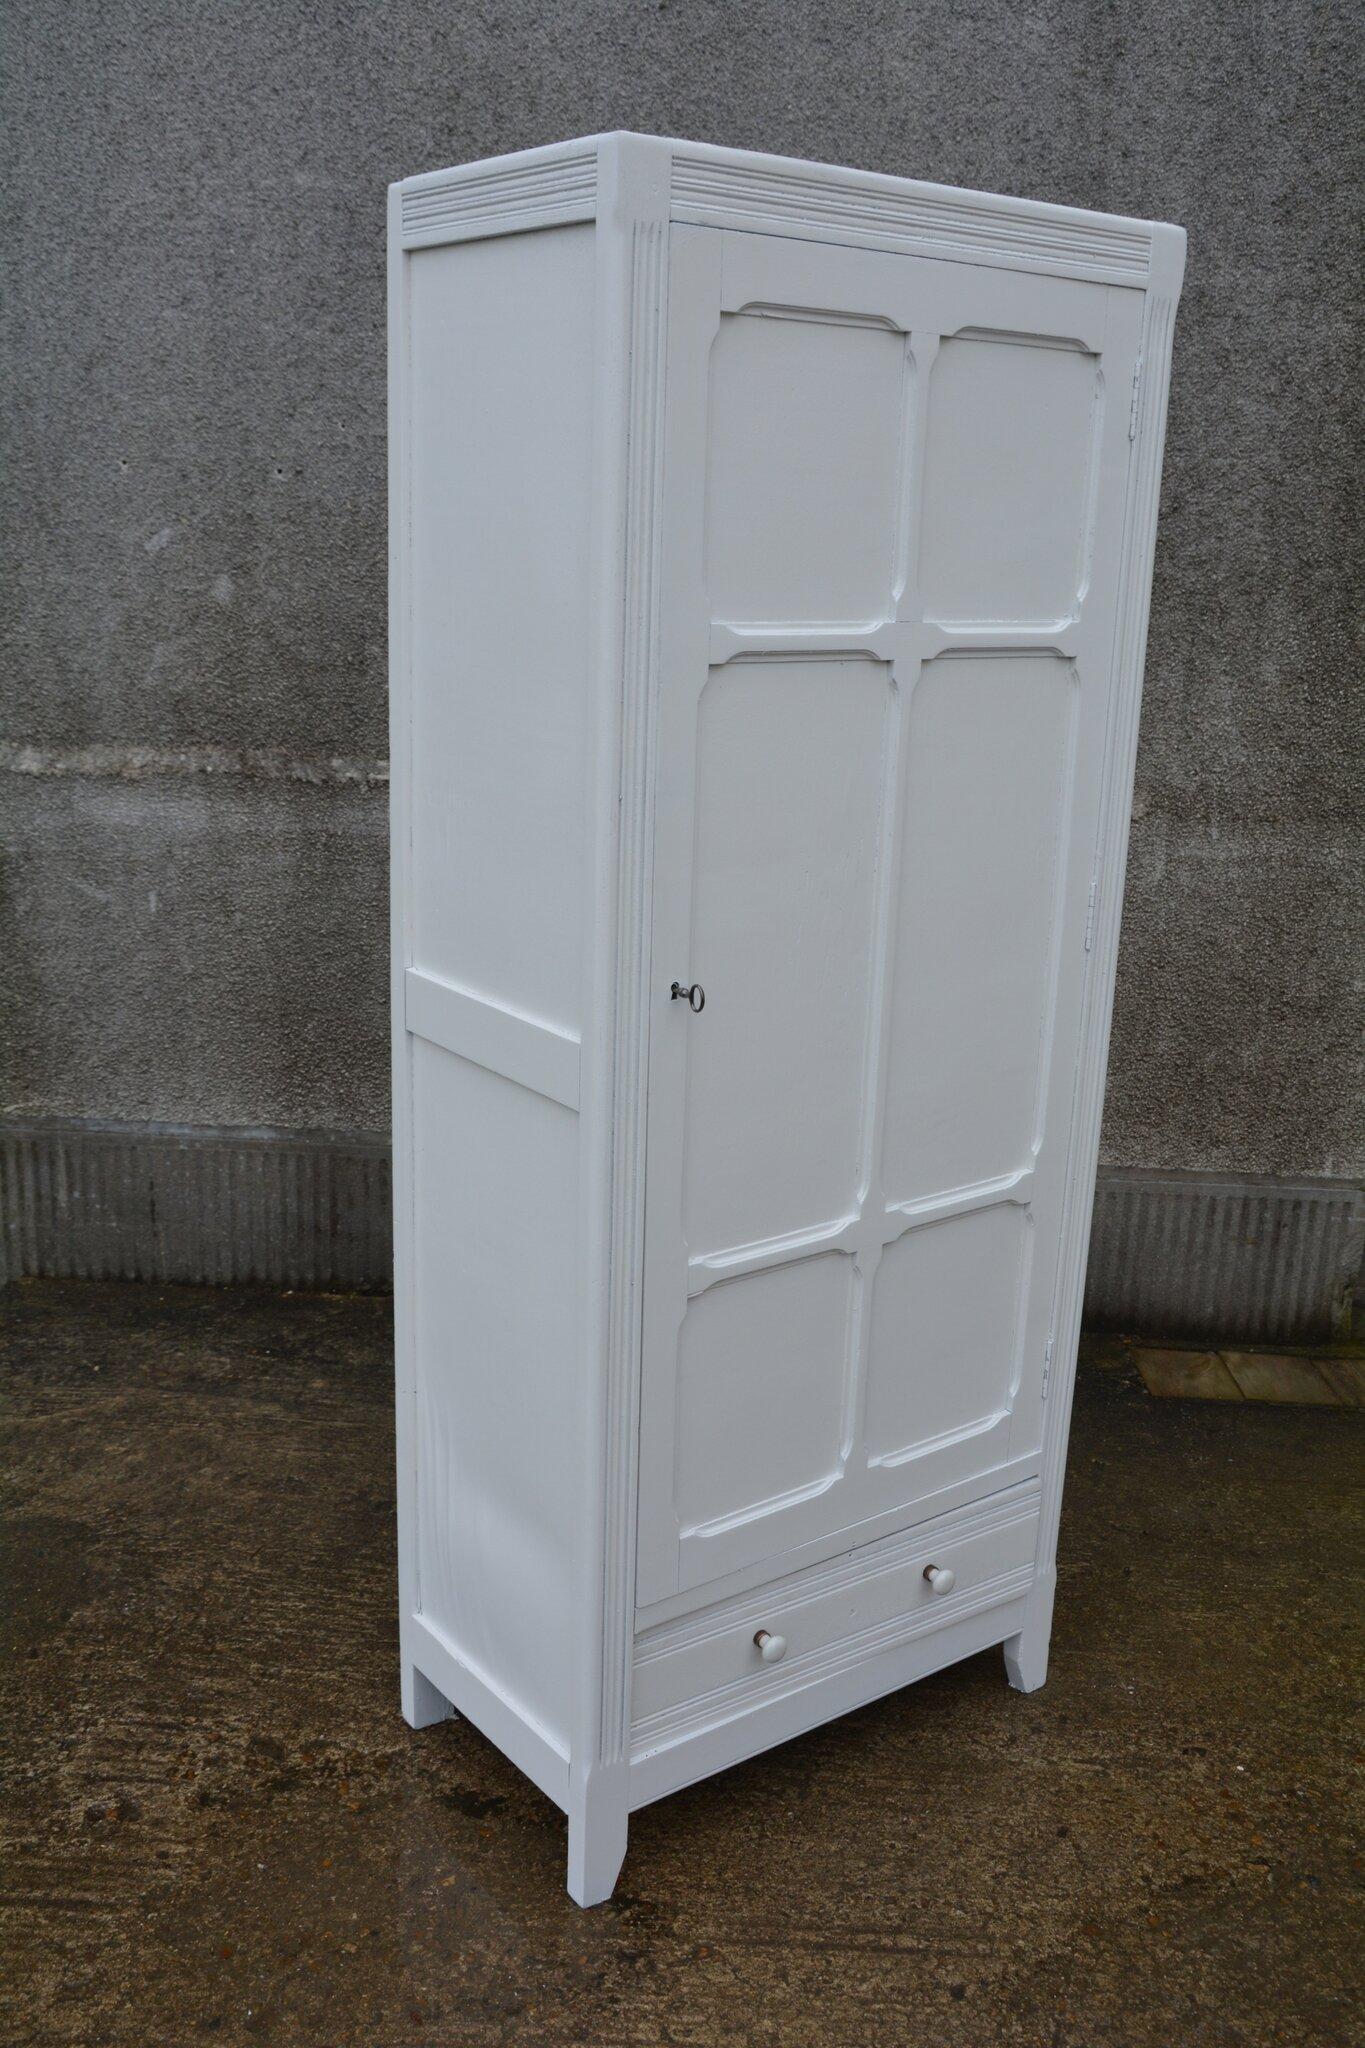 #594C3C Petite Armoire Parisienne Une Porte La Petite Brocanteuse 1021 armoire portes coulissantes frein 1365x2048 px @ aertt.com